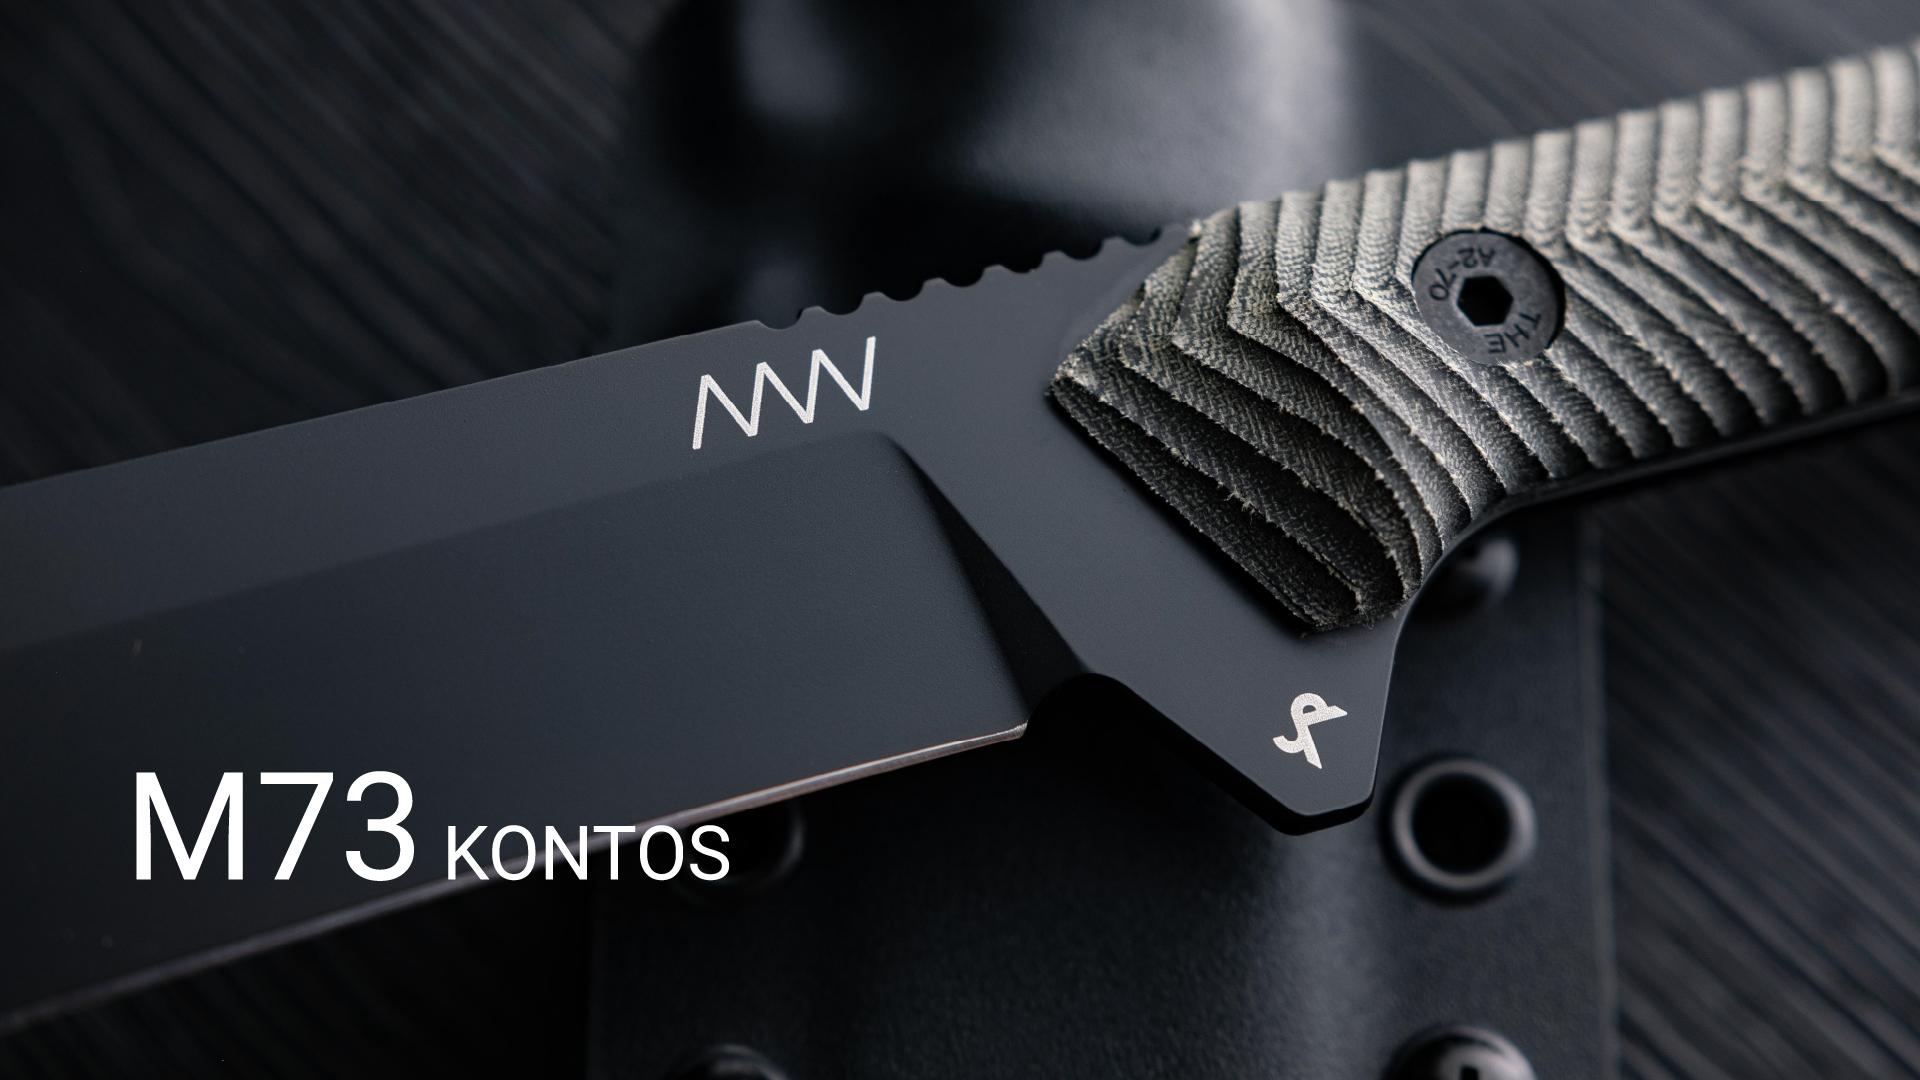 M73 KONTOS